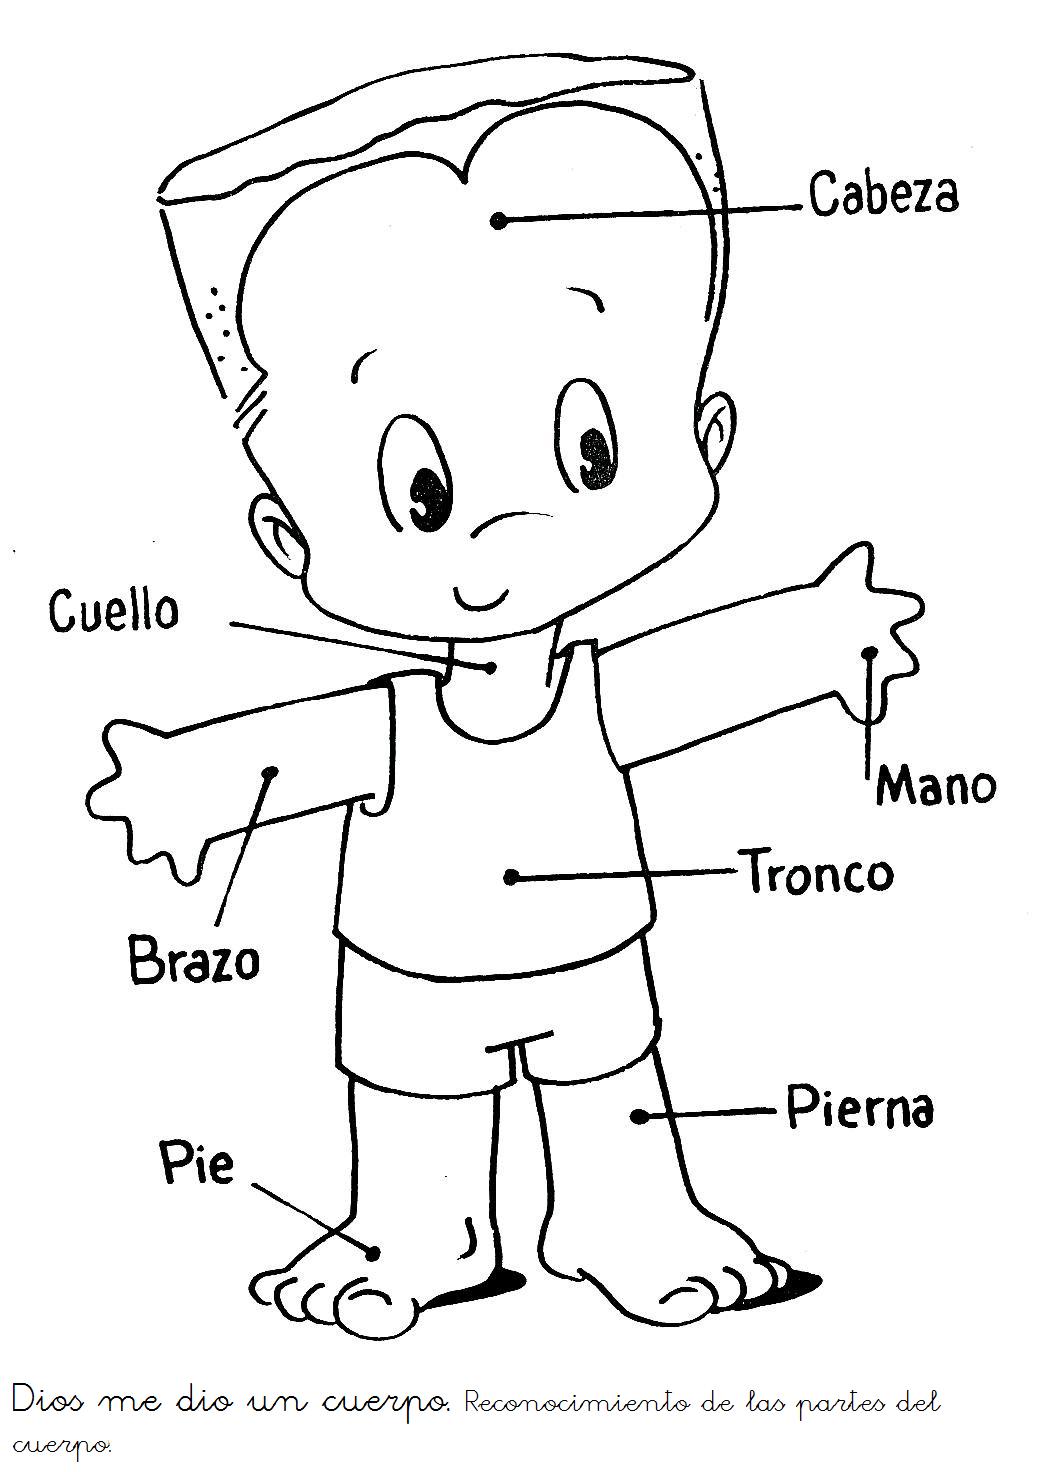 Dorable Grupos De Alimentos Para Colorear Páginas Para Preescolares ...